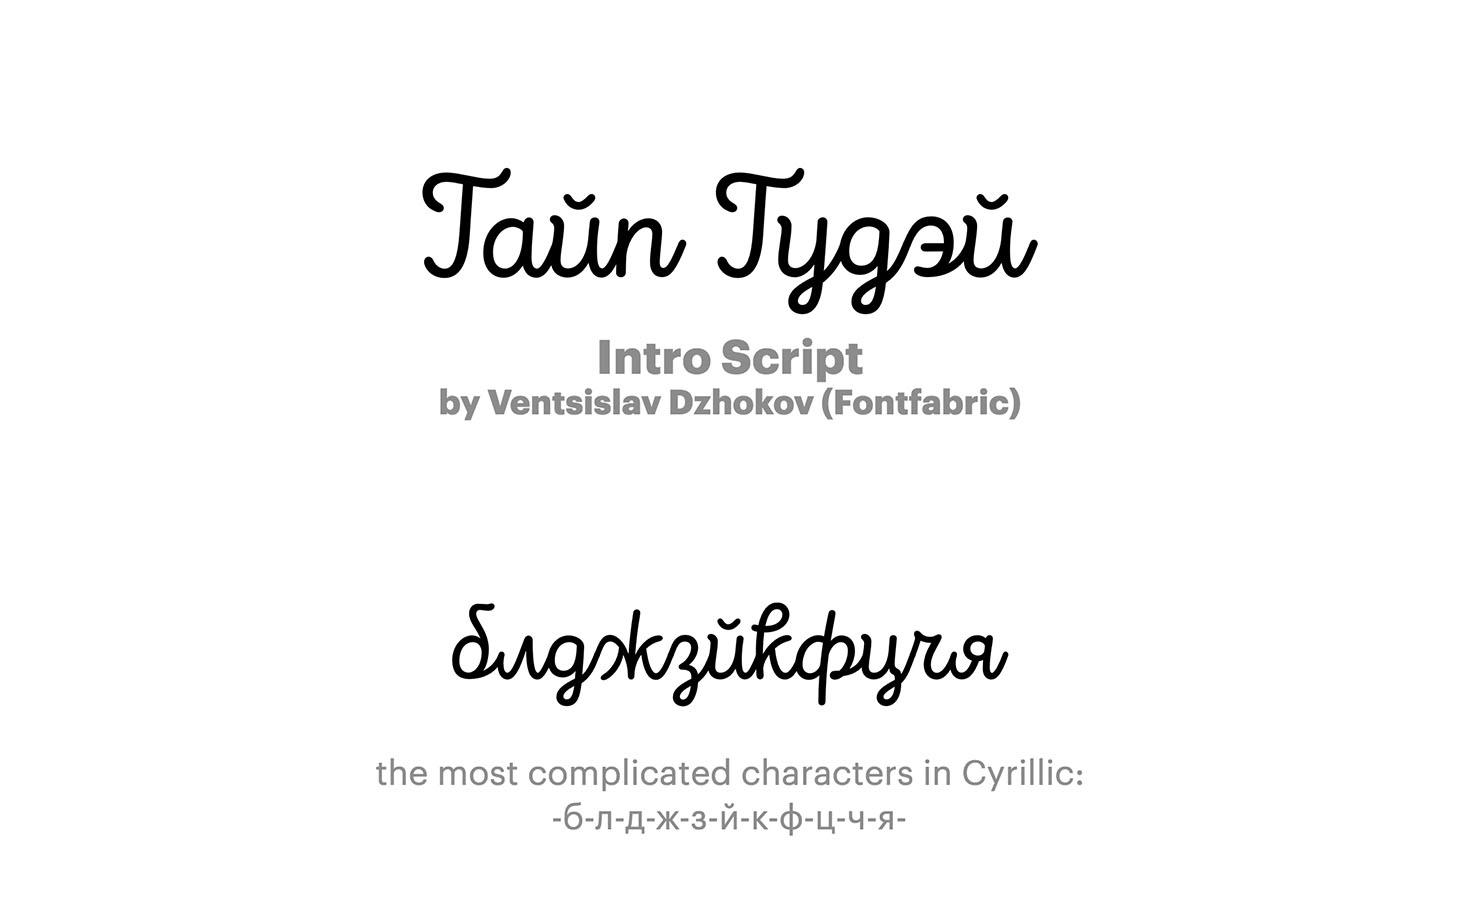 Intro-Script